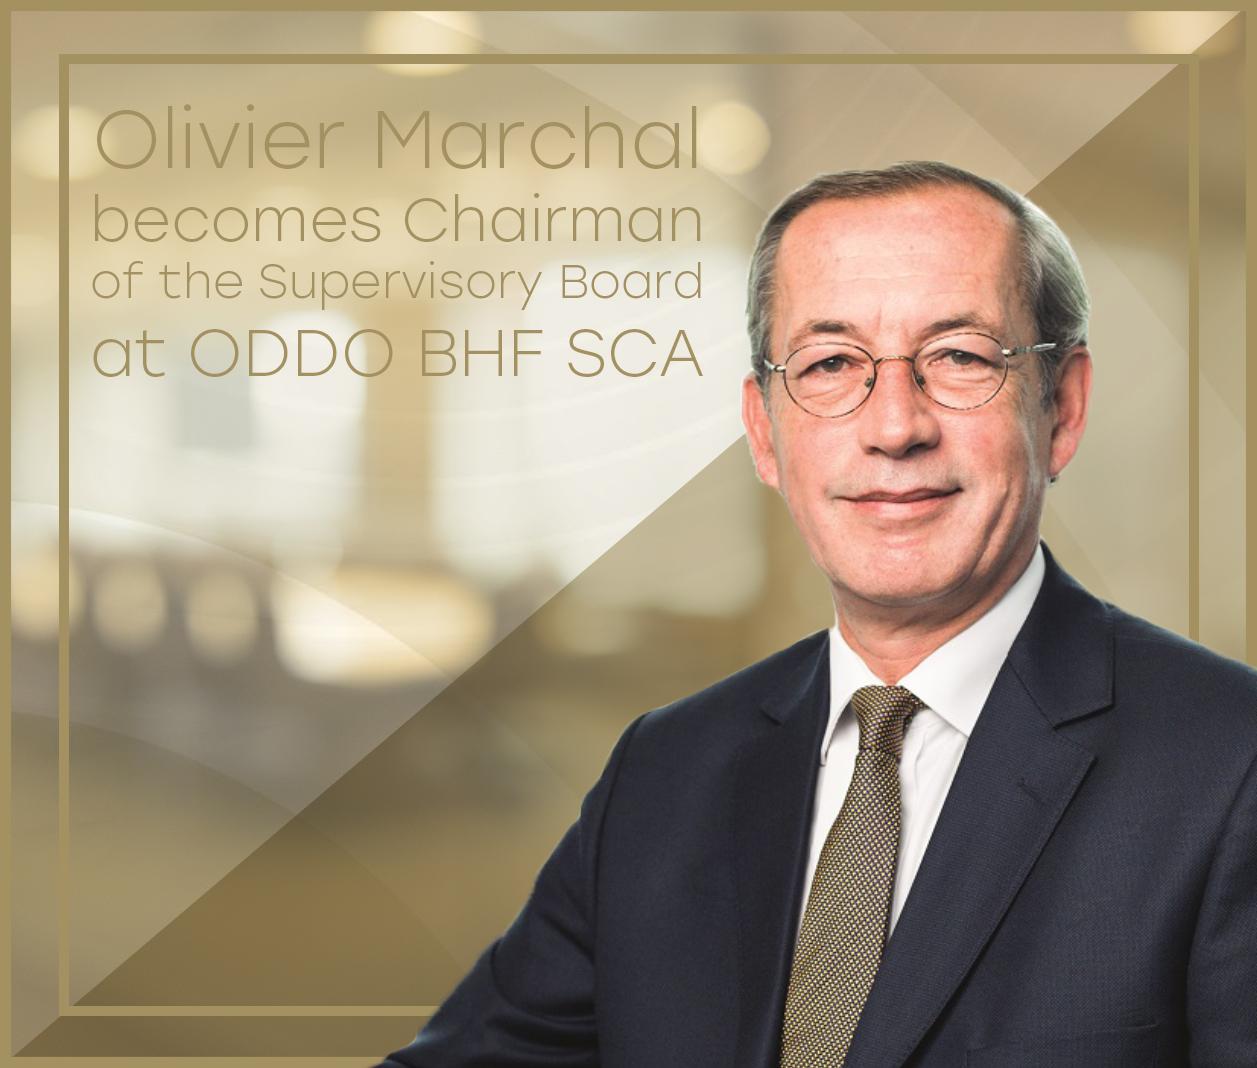 Olivier Marchal devient Président du Conseil de Surveillance de ODDO BHF SCA